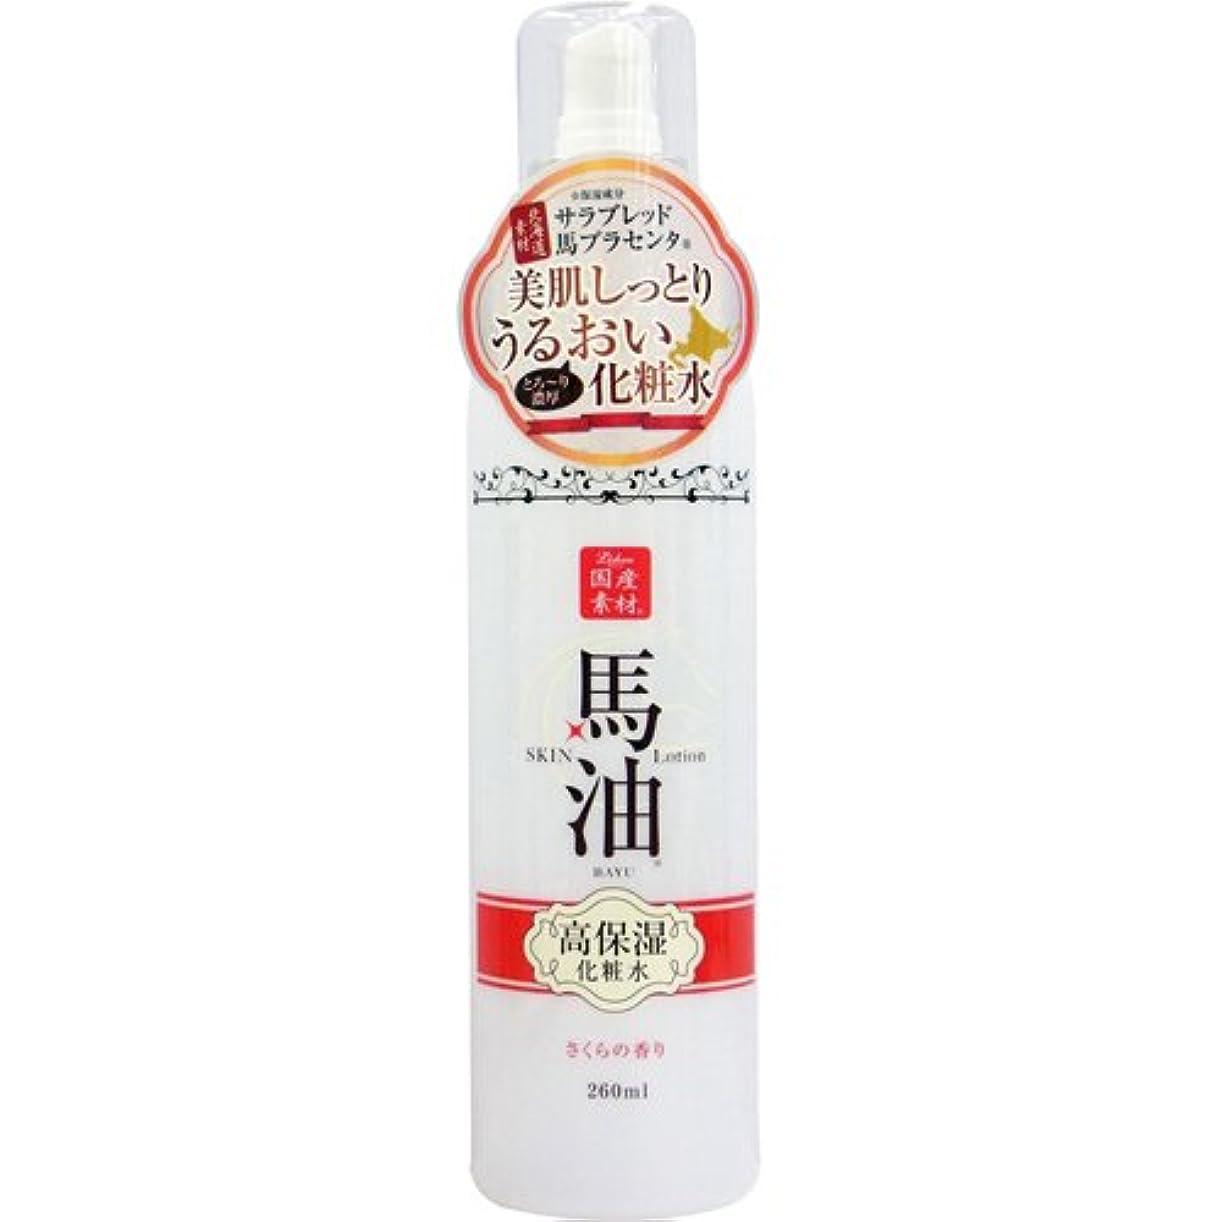 展望台クレデンシャル社員リシャン 馬油化粧水 (さくらの香り) (260mL)